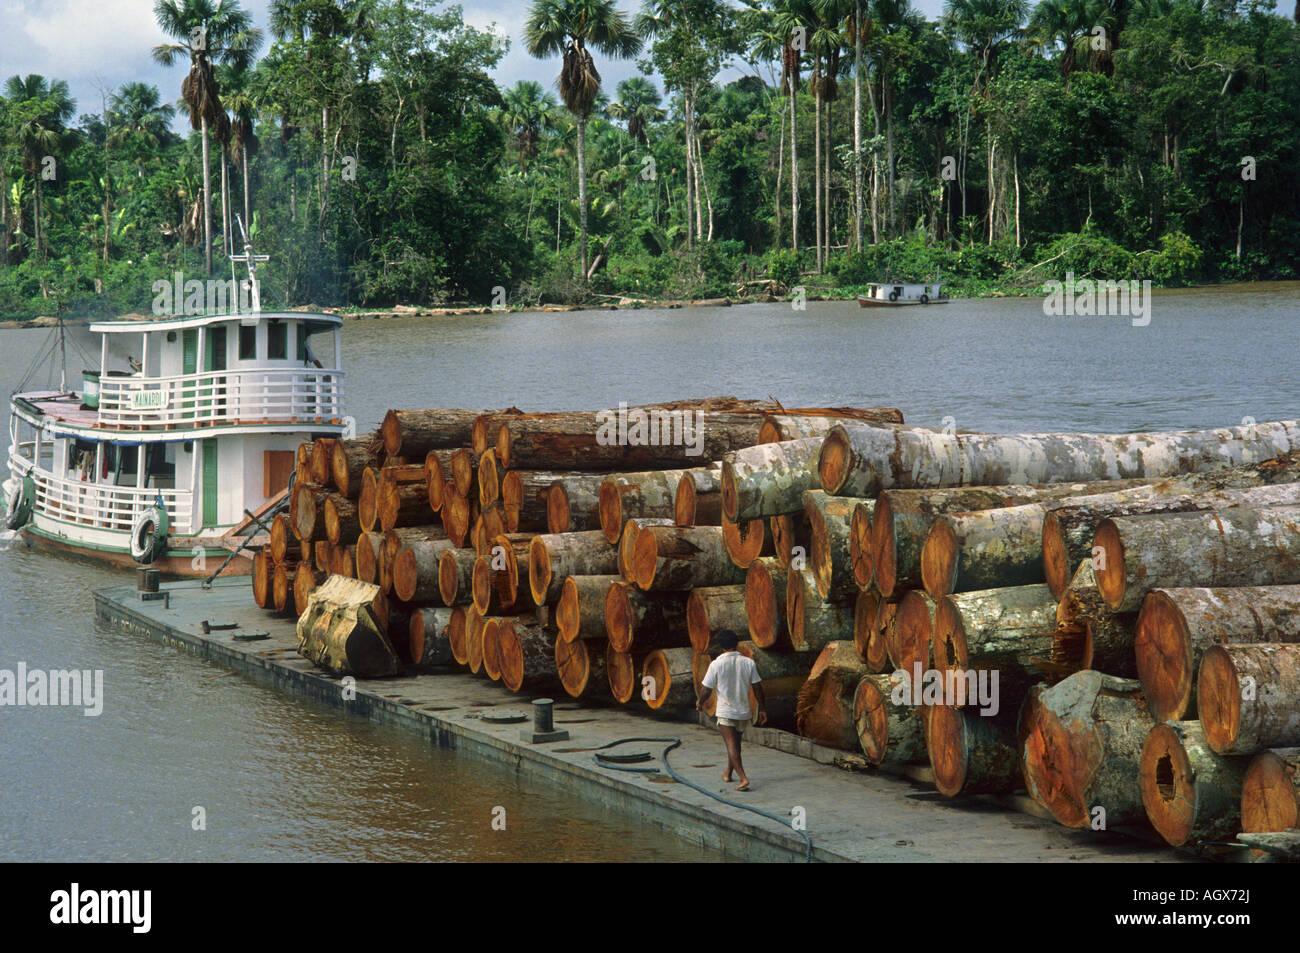 La déforestation chaland chargé avec des journaux dans l'île de Marajo Amazone Para Brésil Photo Stock